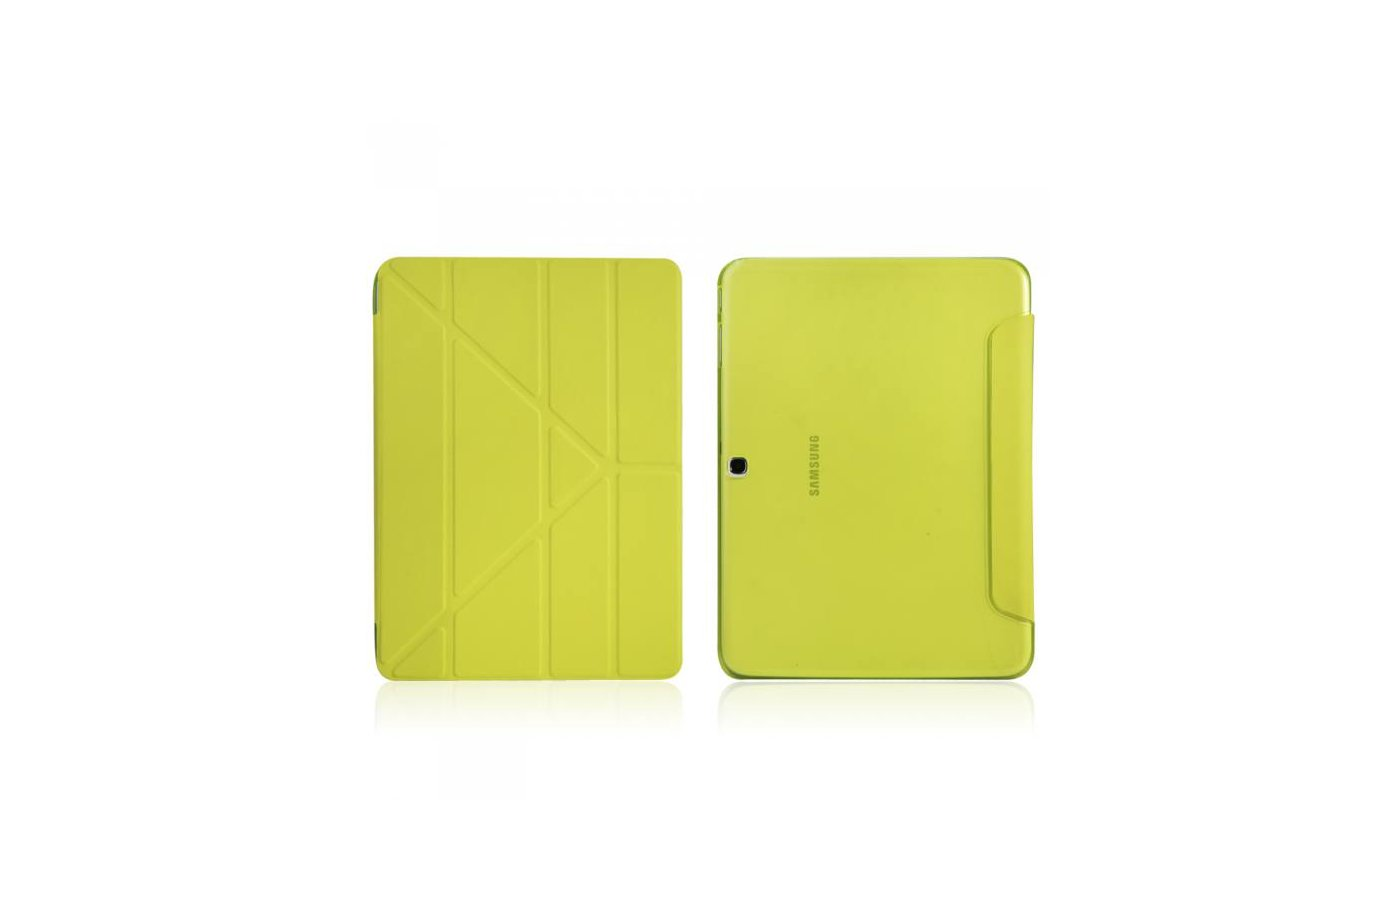 Чехол для планшетного ПК IT BAGGAGE для SAMSUNG Galaxy Tab4 10.1 hard case искус. кожа лайм с тонированной задней стенкой ITS